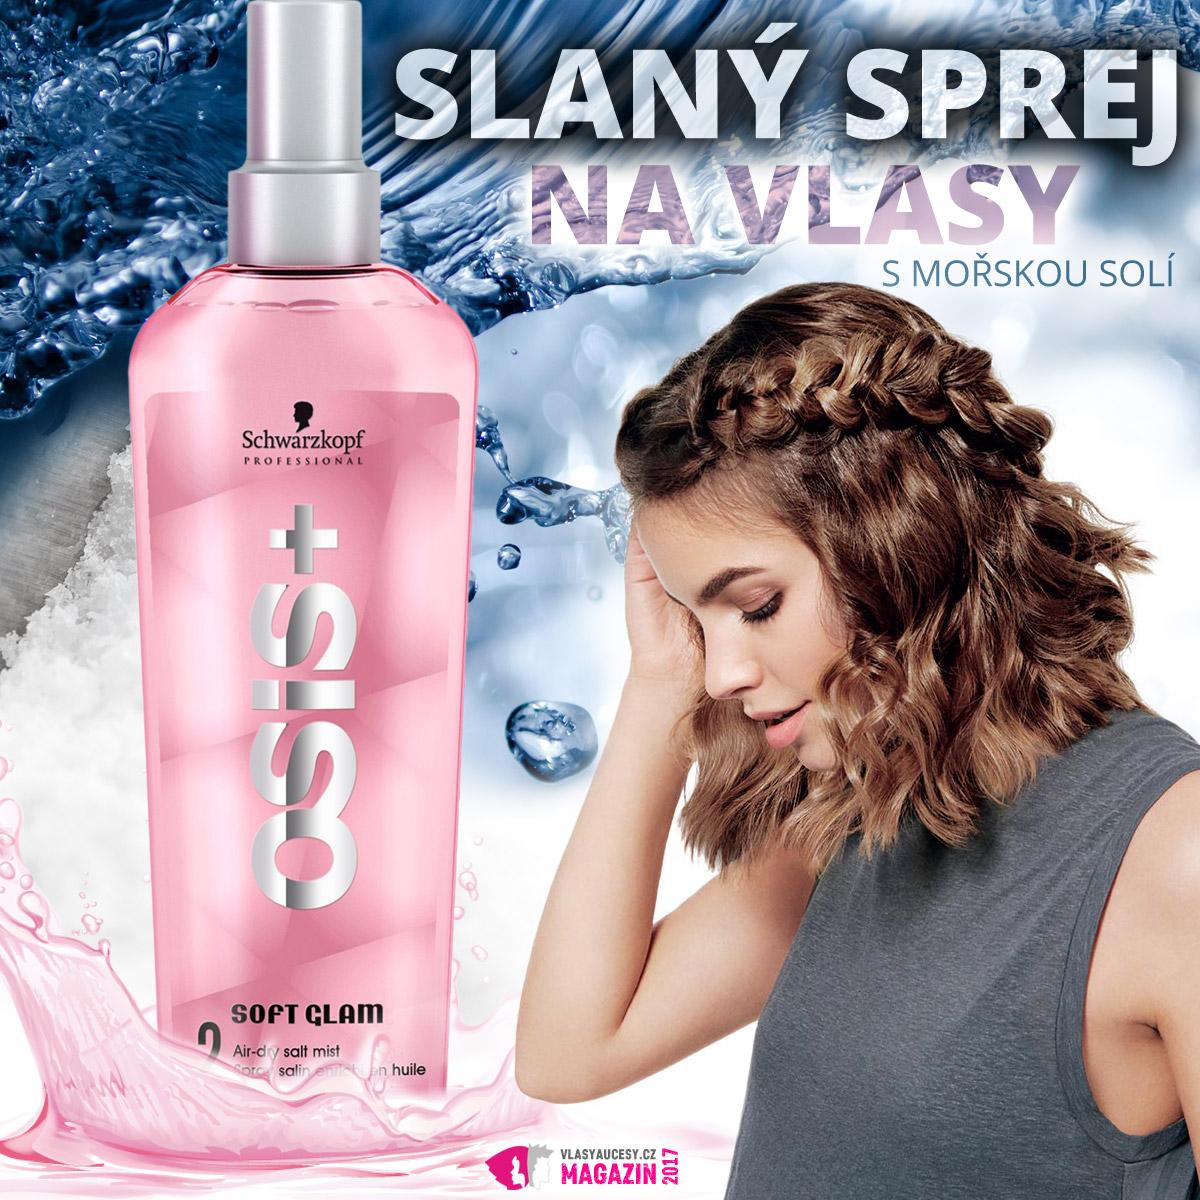 Používáte slaný sprej na vlasy, abyste docílily vzhled plážových vln? Otestovala jsem Osis+, který nabízí mnohem komplexnější řešení pro vlasy.